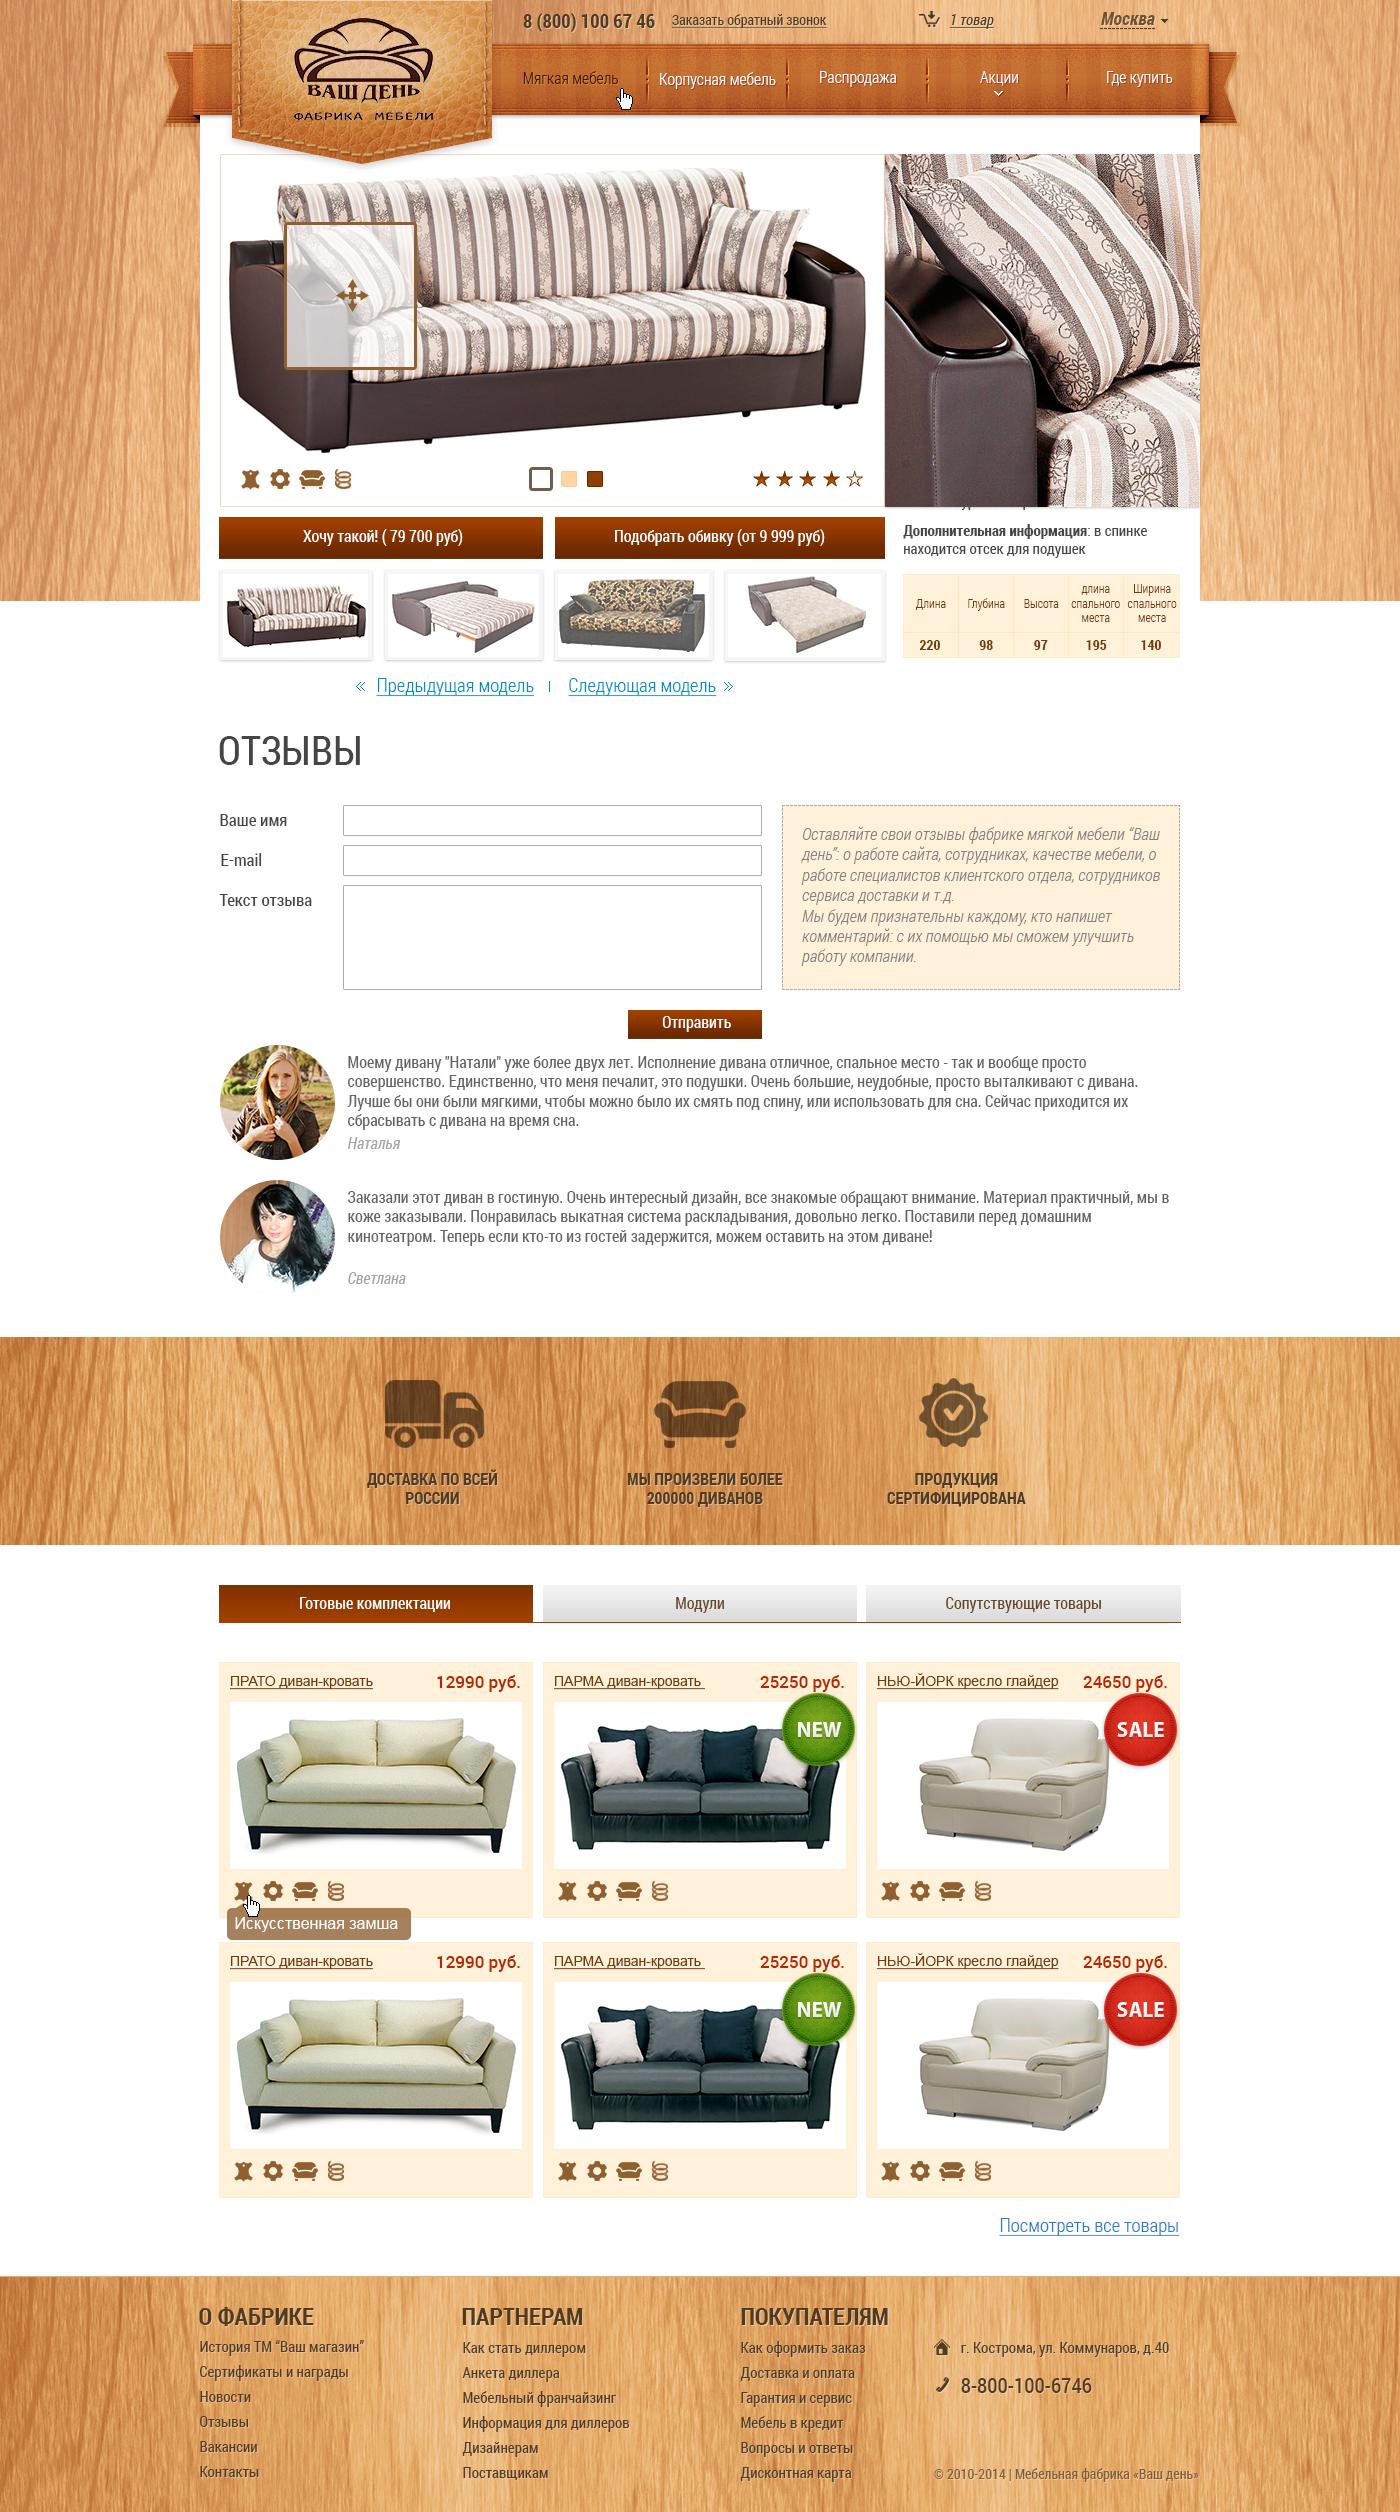 Разработать дизайн для интернет-магазина мебели фото f_57252f25a51bc29a.jpg